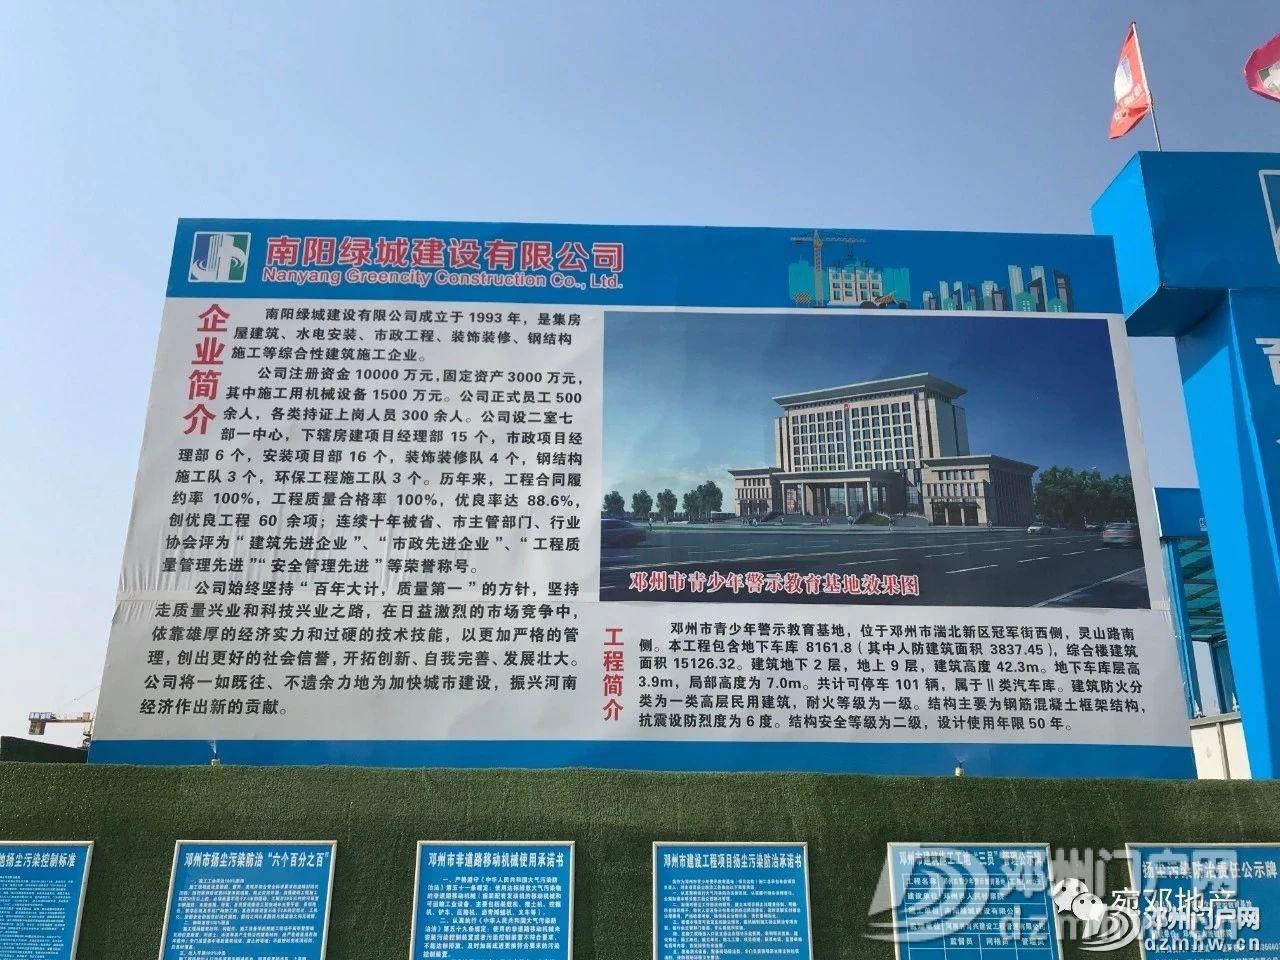 实拍航飞!邓州青少年警示教育基地项目在湍北的项目正火热施工 - 邓州门户网|邓州网 - f0fcbe005b8147609c8a6a29f4eb36ef.jpg